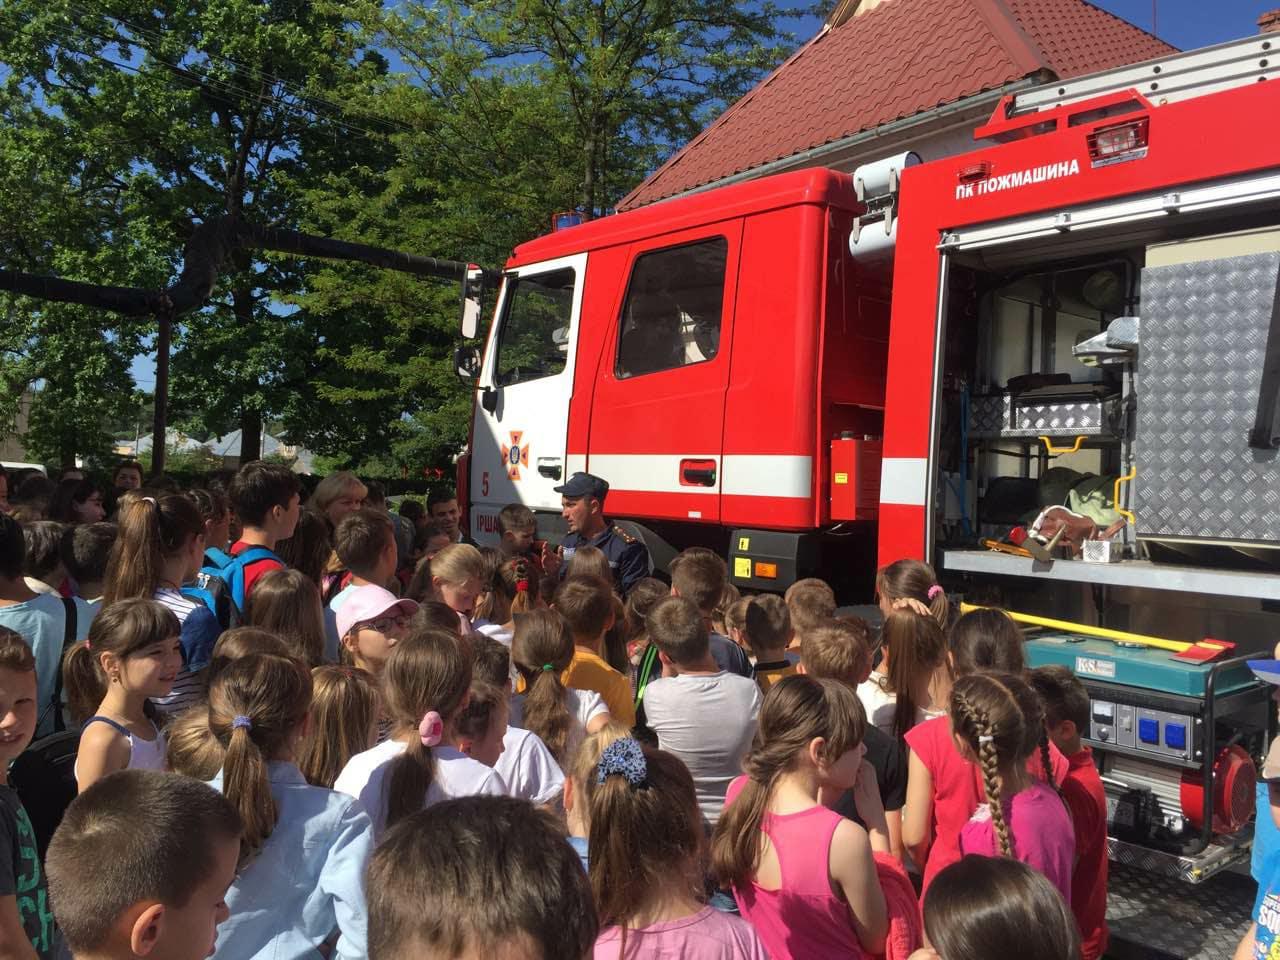 Іршавські рятувальники провели пізнавально-розважальну акцію для школярів